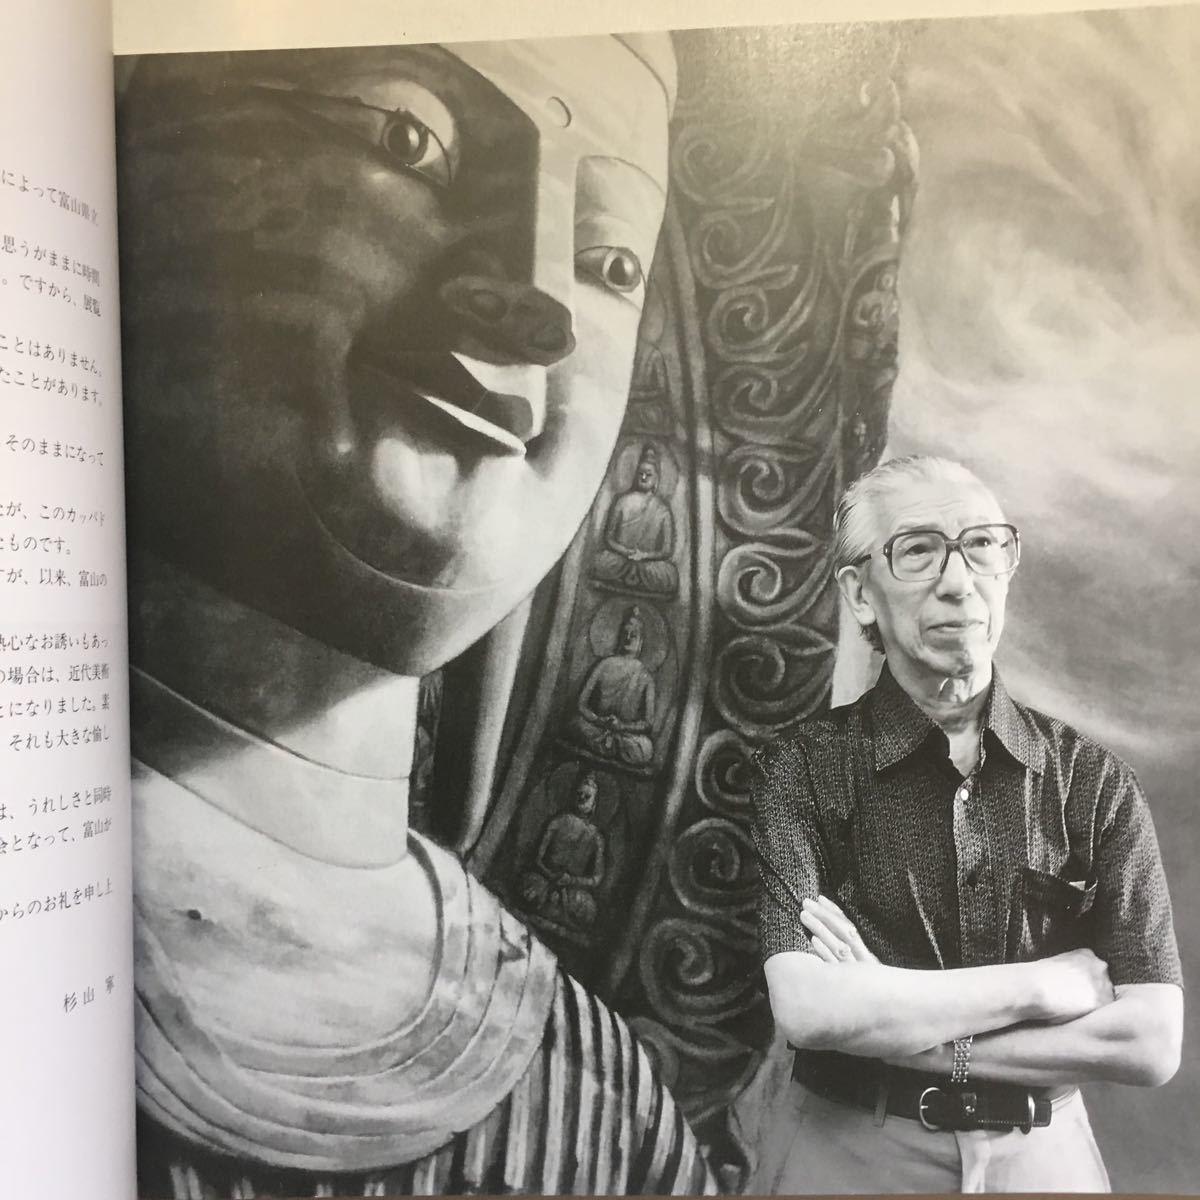 回顧展「杉山寧展」1987年富山県近代美術館 初期の図録_画像2